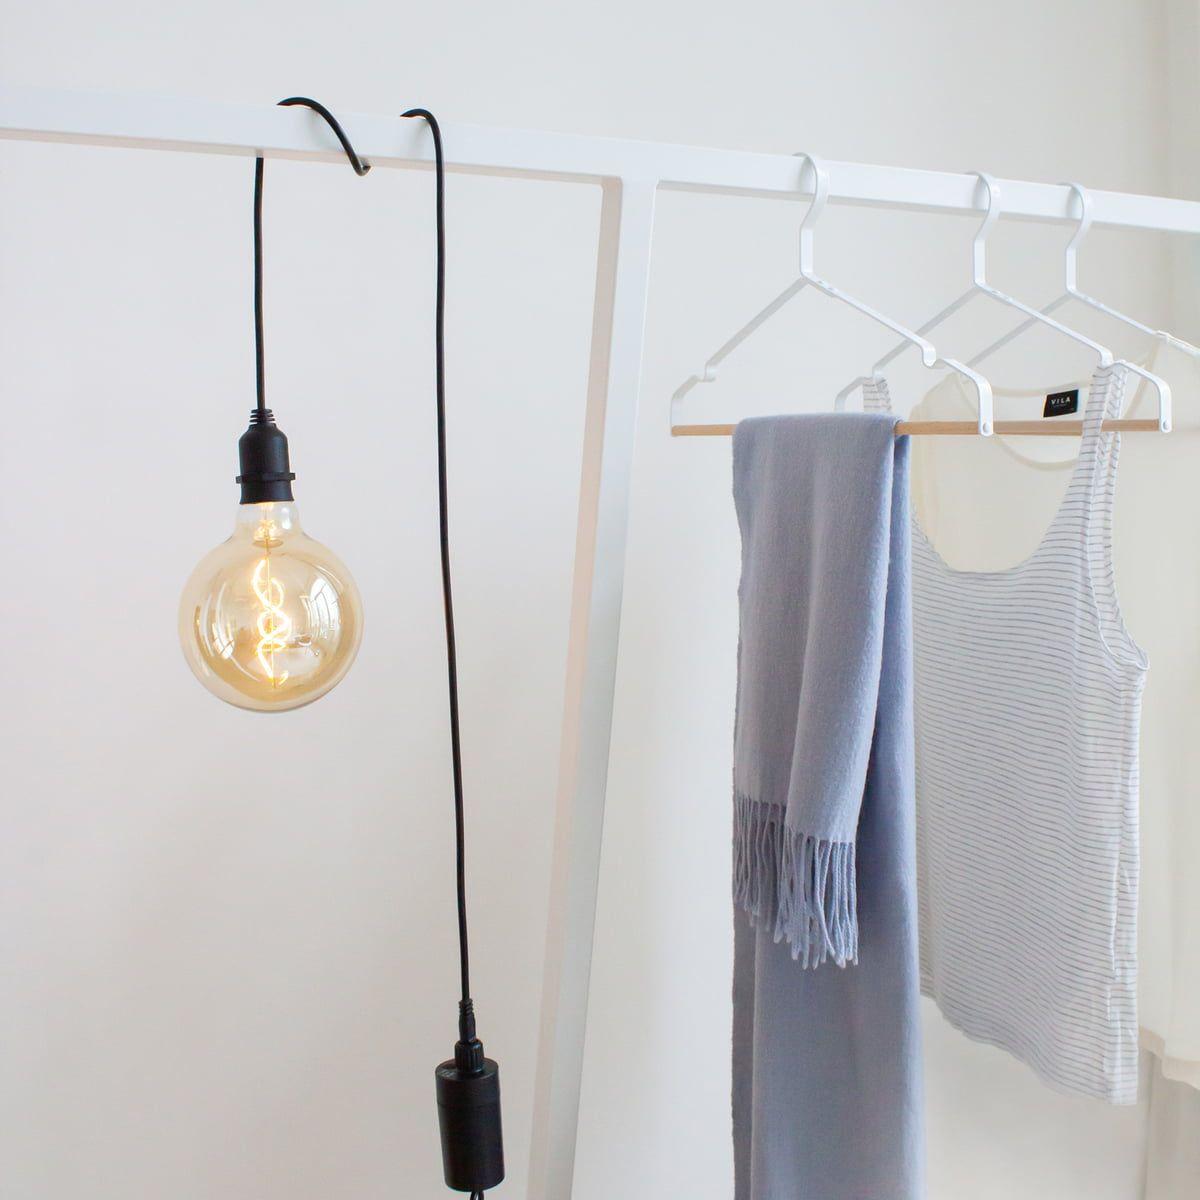 Collection Led Deko Akku Pendelleuchte Mit Timer Und Haken Indoor Outdoor Schwarz In 2020 Dekorative Beleuchtung Pendelleuchte Und Kleiderbugel